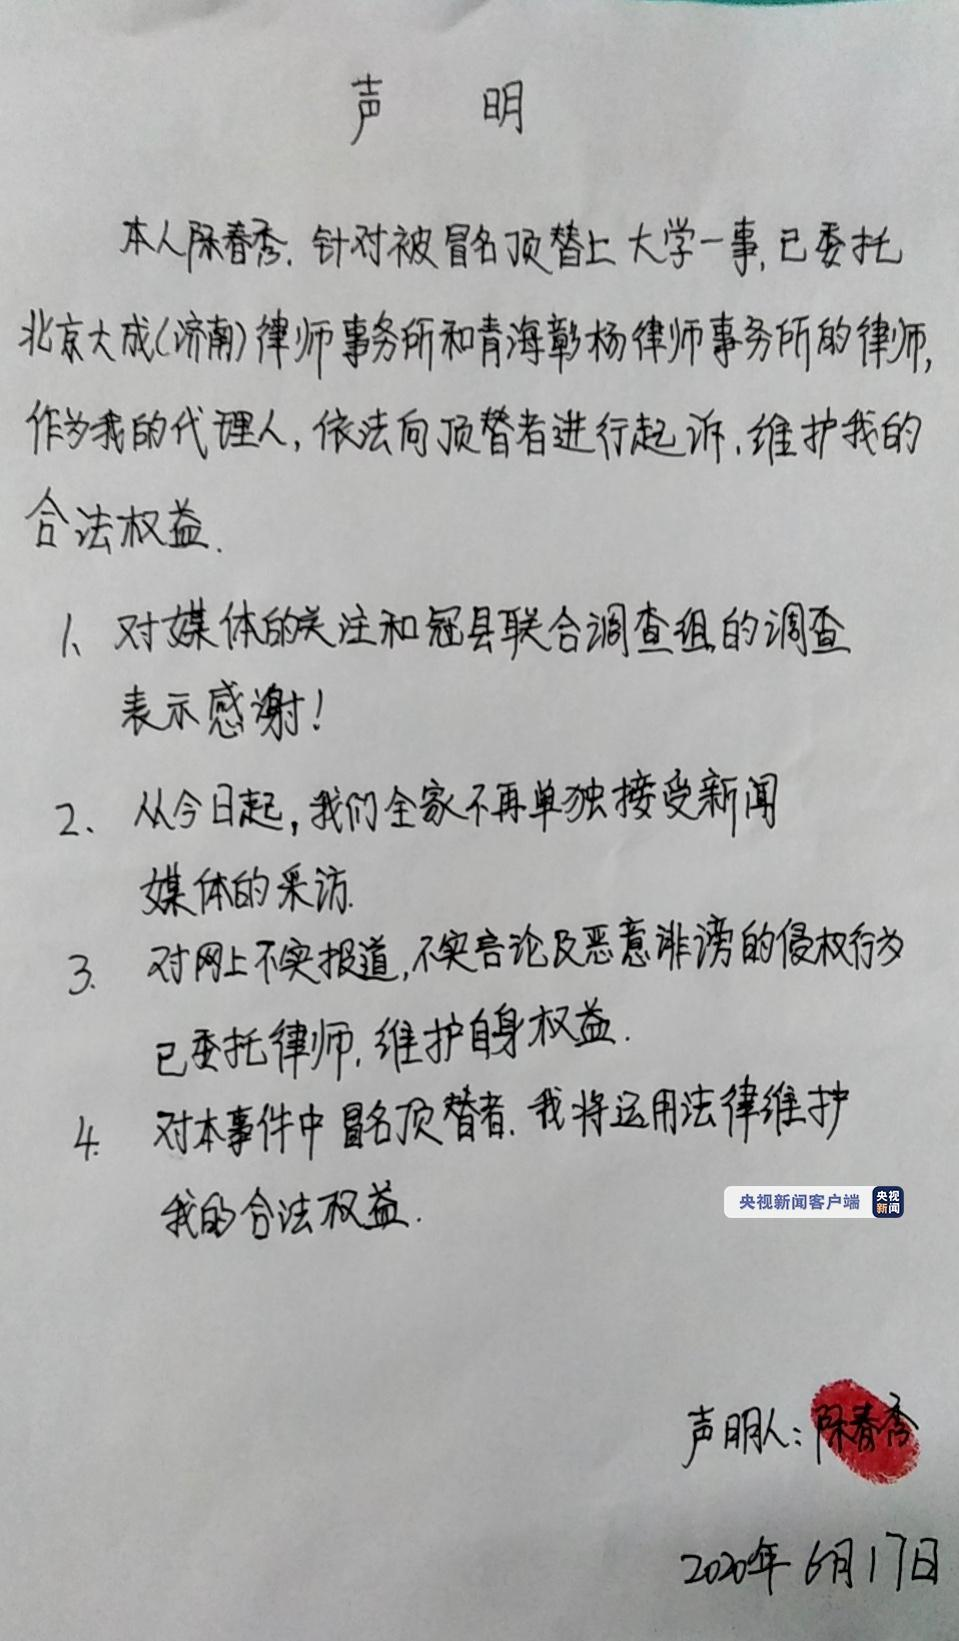 沈阳信息网,上大学当事人将起诉顶沈阳信息网替者图片